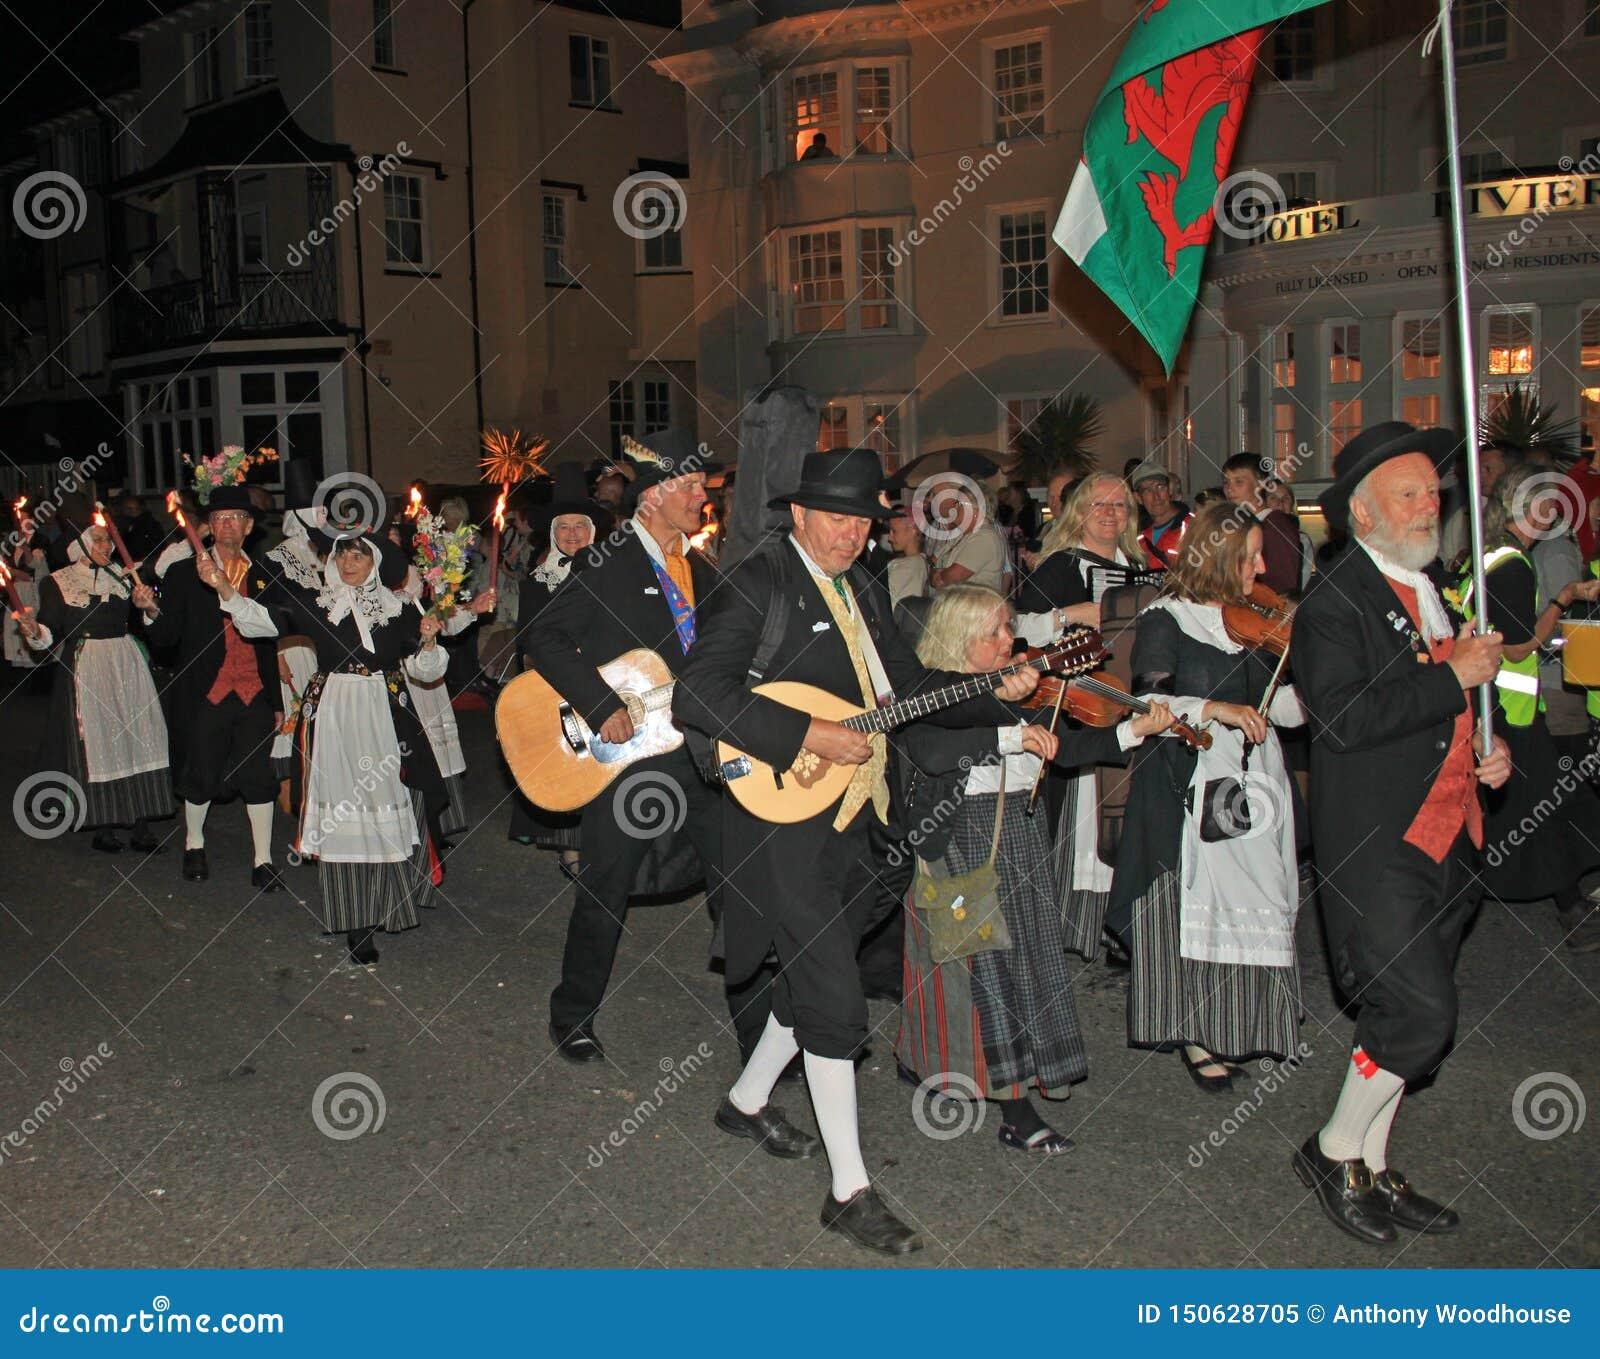 SIDMOUTH DEVON, ENGLAND - AUGUSTI 10TH 2012: En grupp av walesiska aktörer tar delen i nattetidbokslutprocessionen av folk